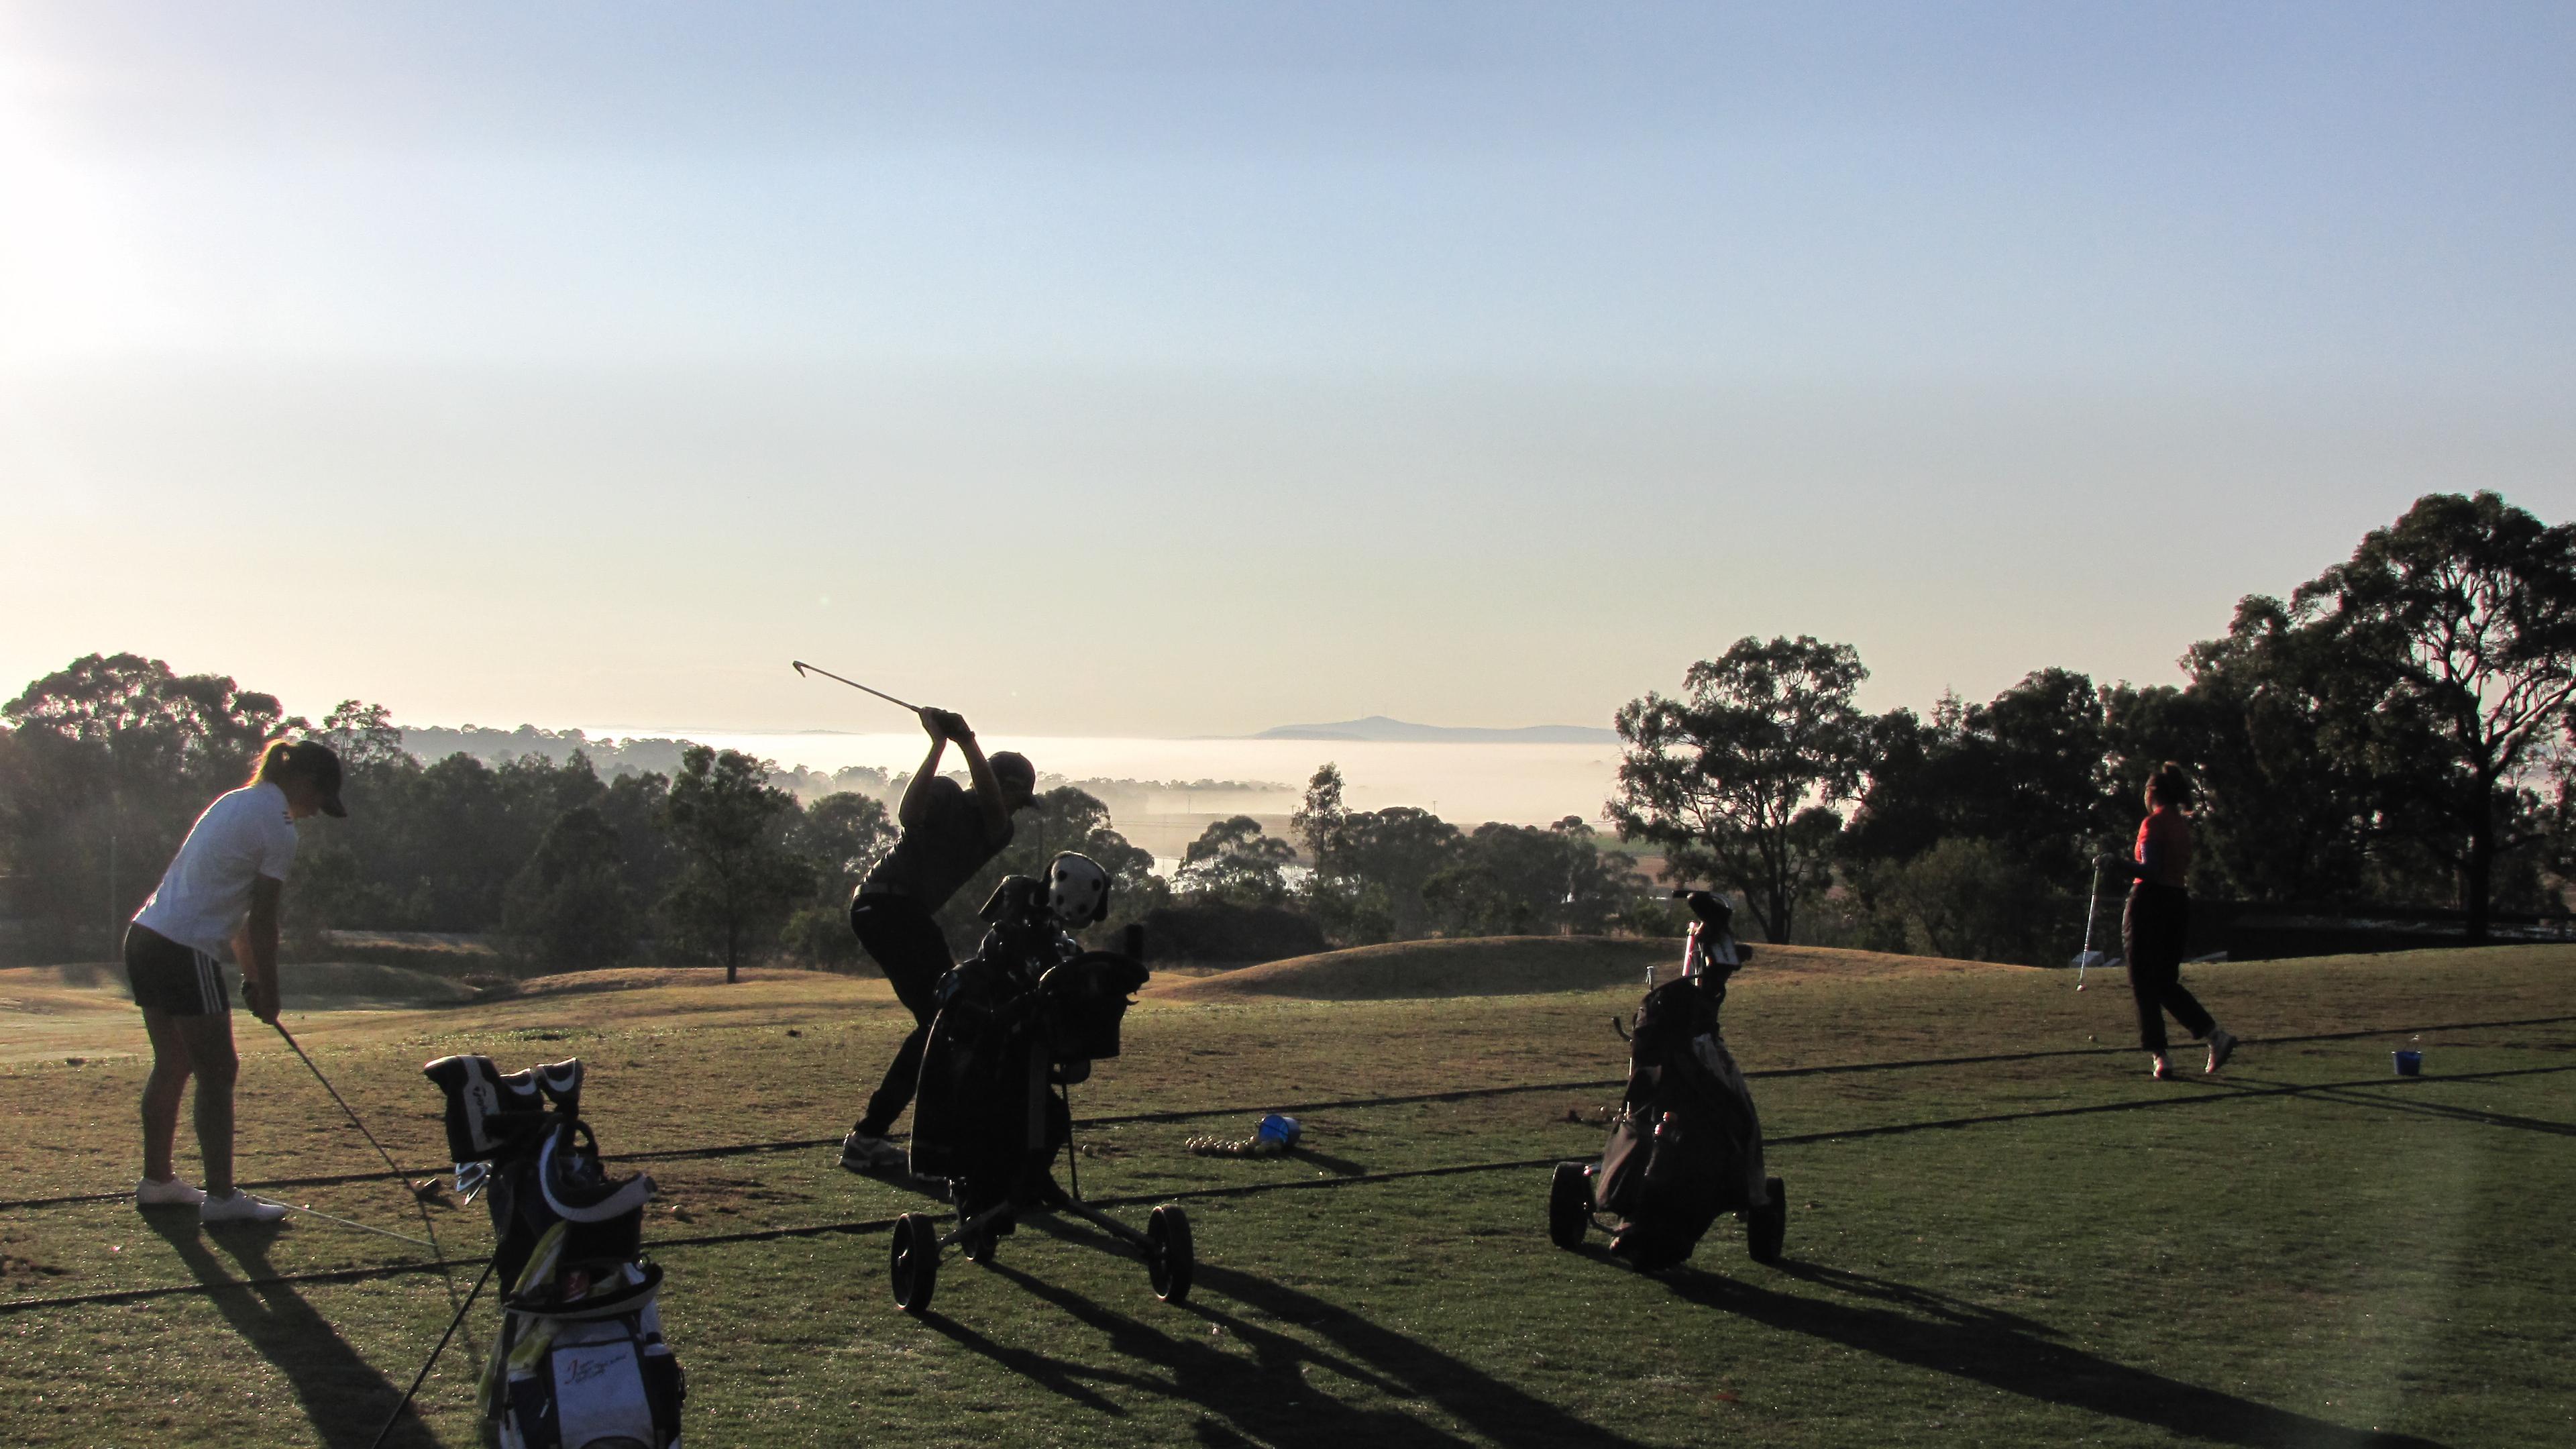 早朝の練習風景。寒暖の差から霧が発生。雲の上から練習しているようで幻想的